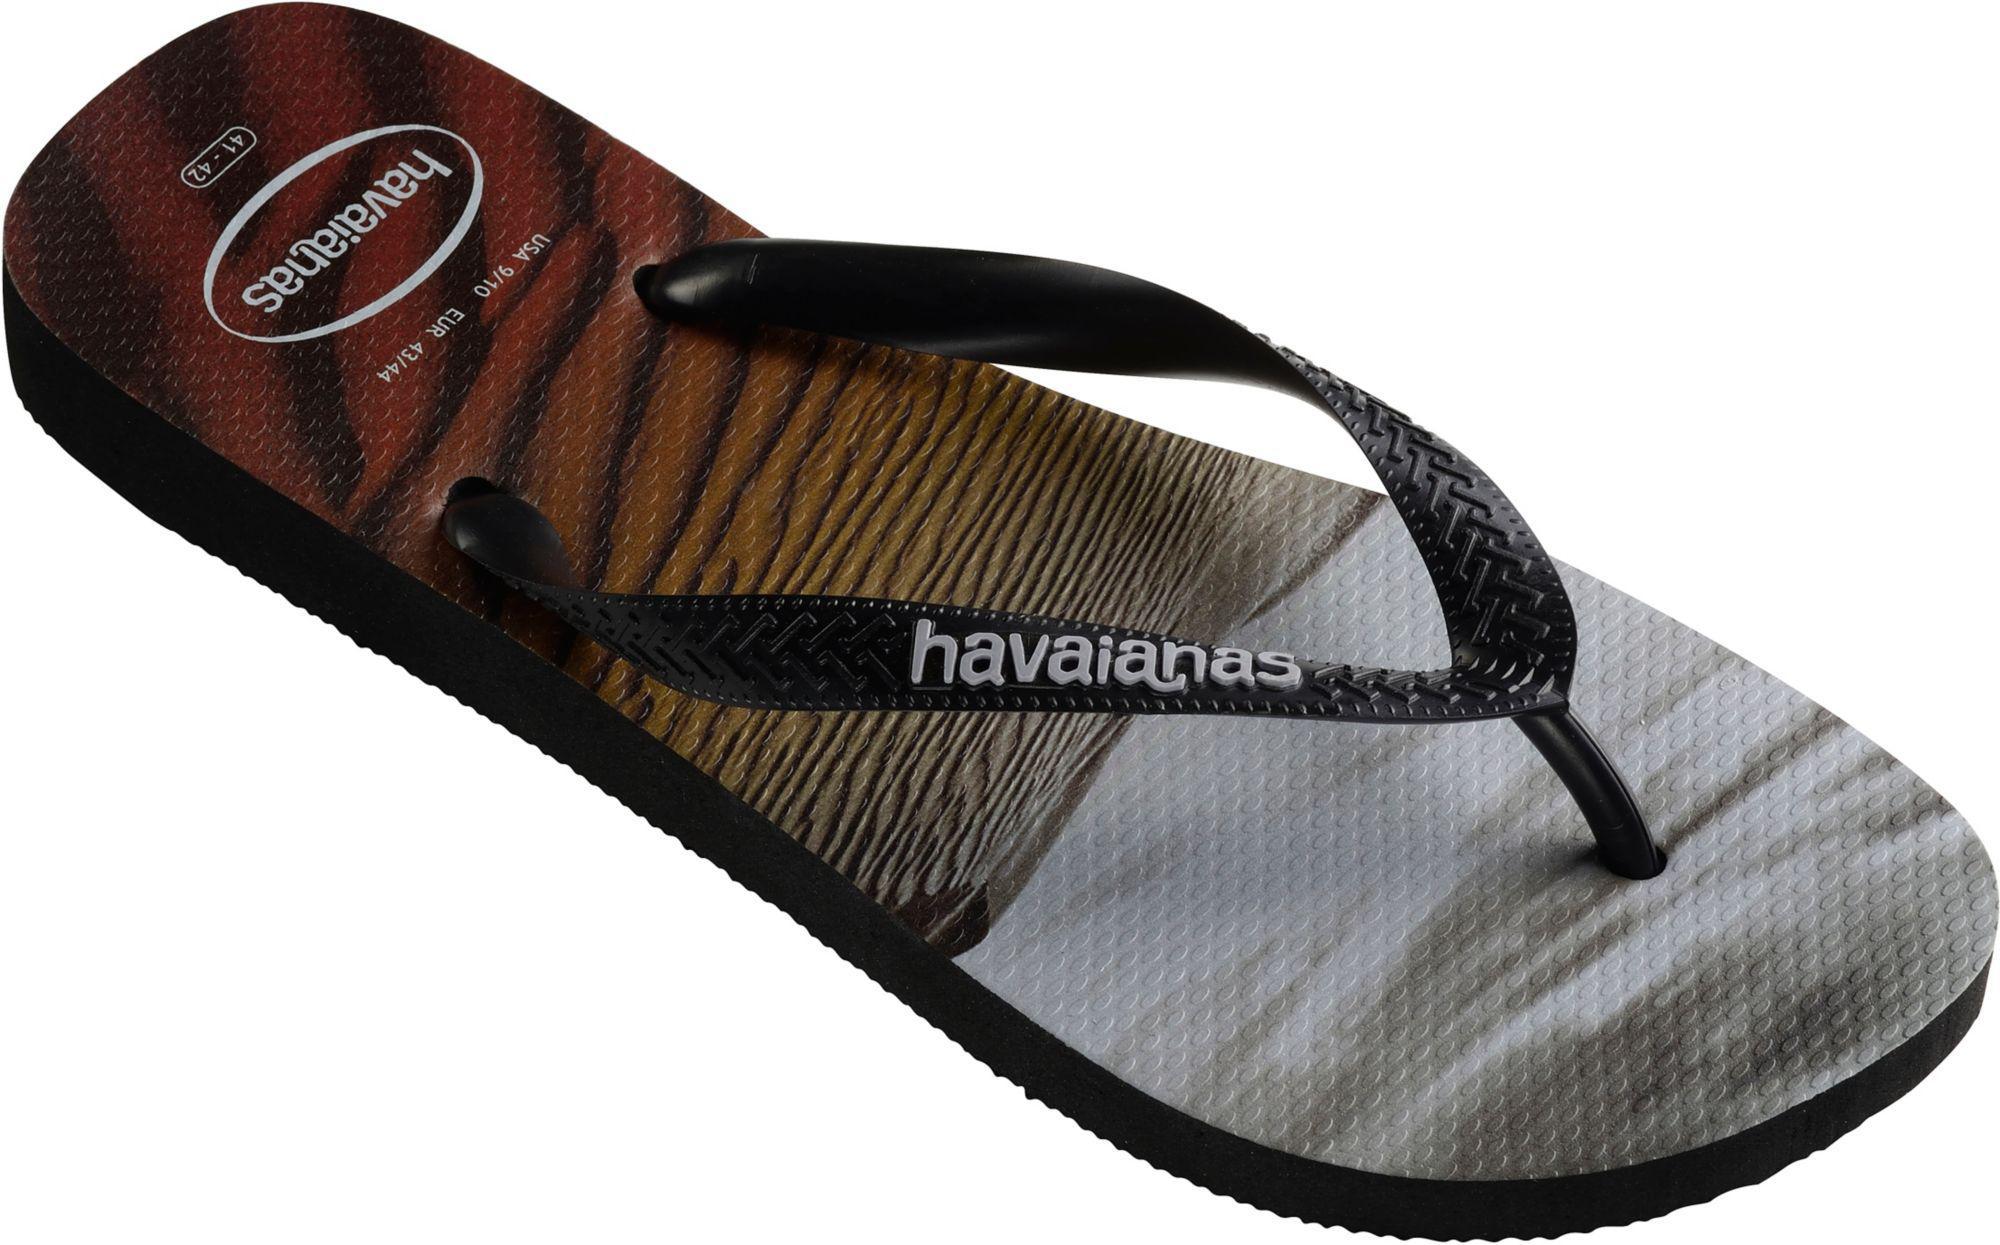 77739e289ff348 Lyst - Havaianas Hype Flip Flops in Black for Men